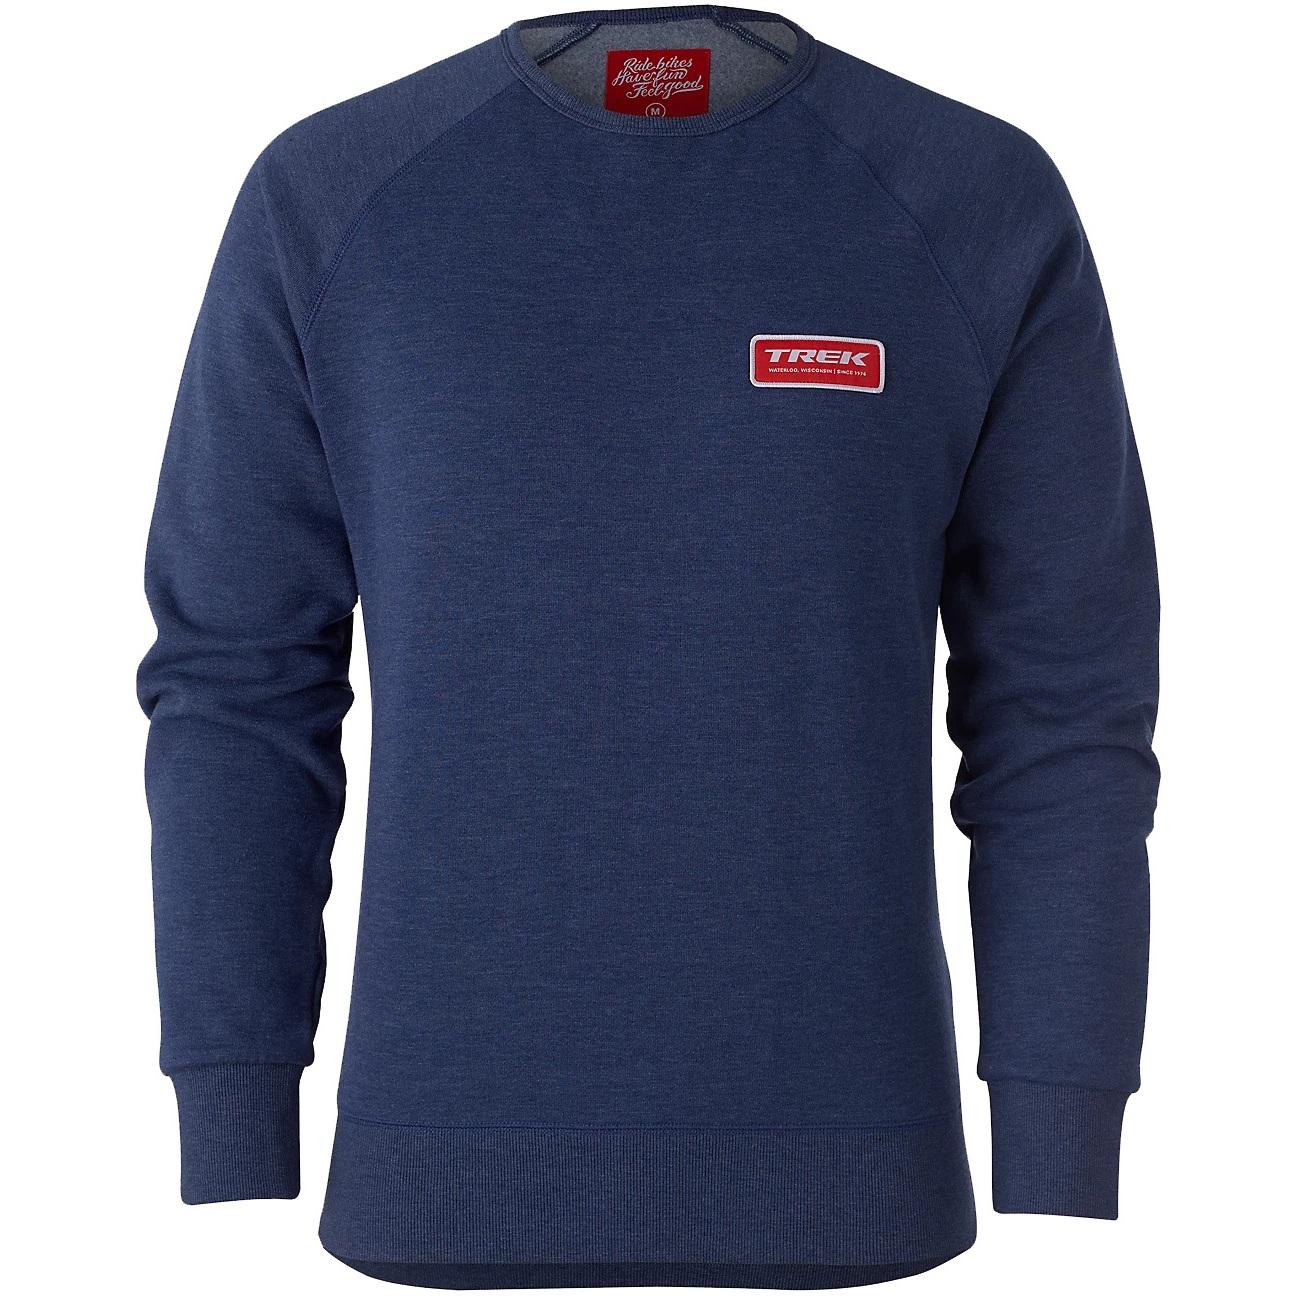 Trek Origin Crewneck Sweatshirt Unisex - Navy